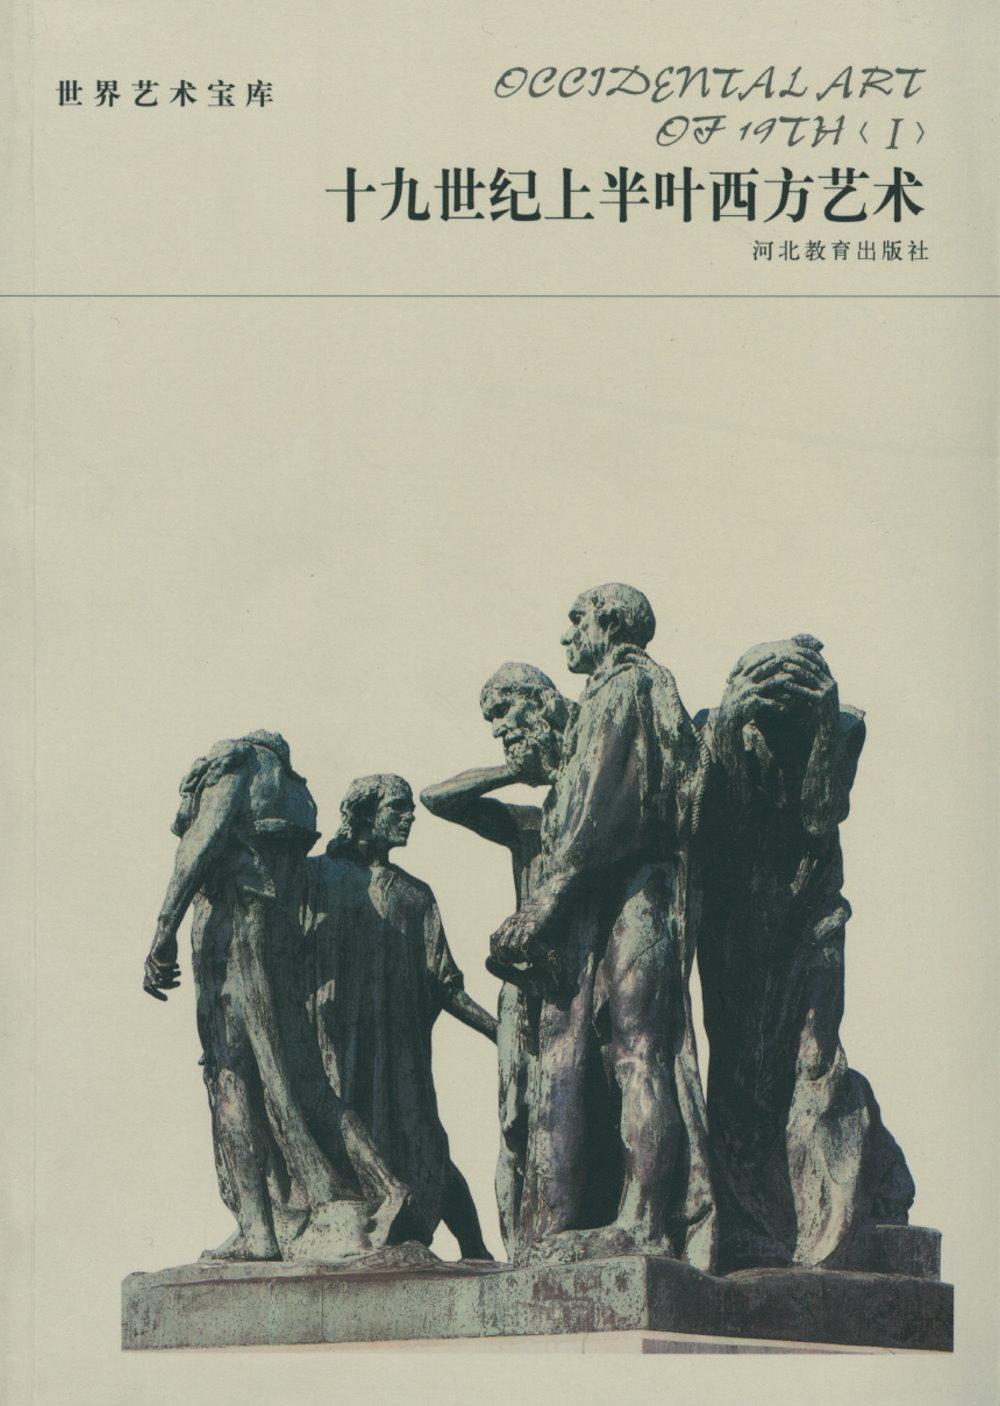 世界藝術寶庫:十九世紀上半葉西方藝術